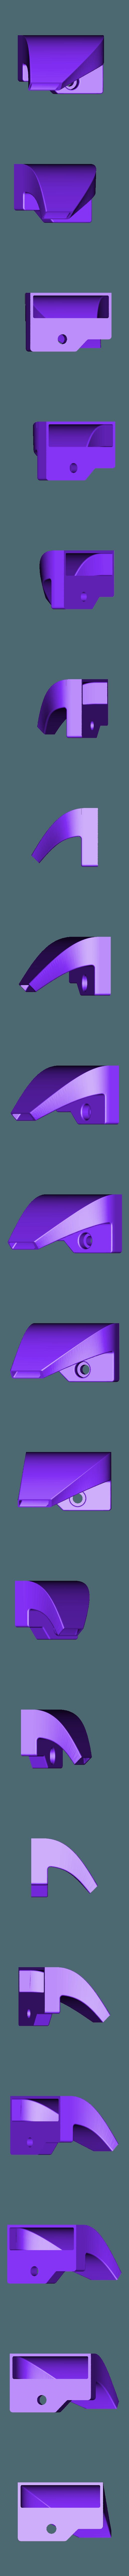 tip_left.stl Télécharger fichier STL gratuit Refroidissement des bouts de choux de Creality et conduit remplaçable • Modèle pour impression 3D, Theshort